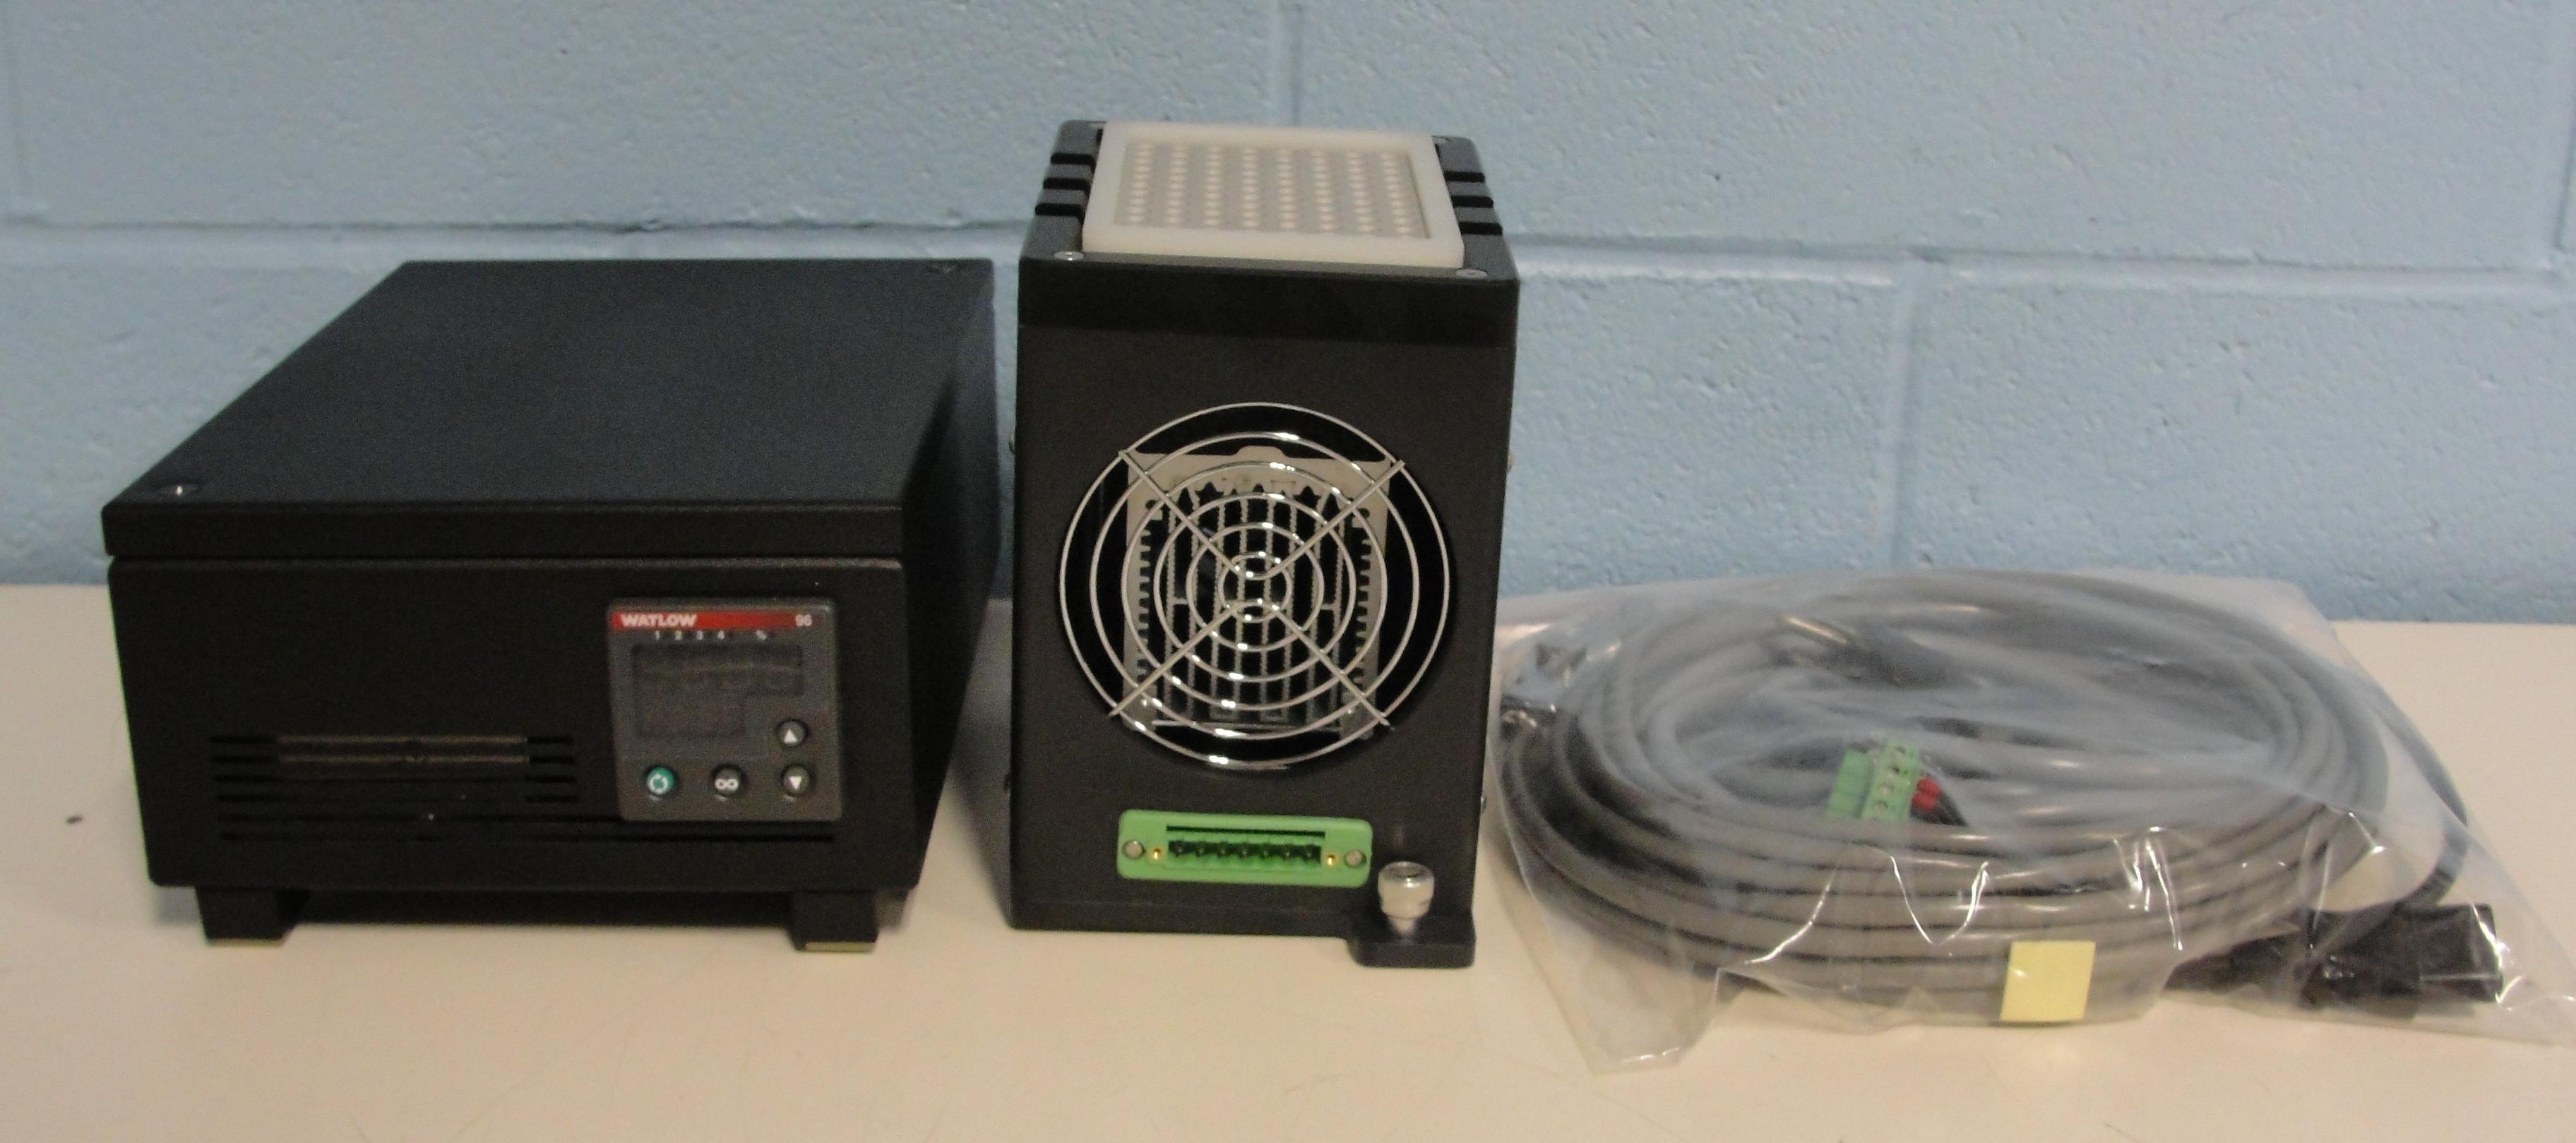 Inheco TEC Control 96 RS232 Image